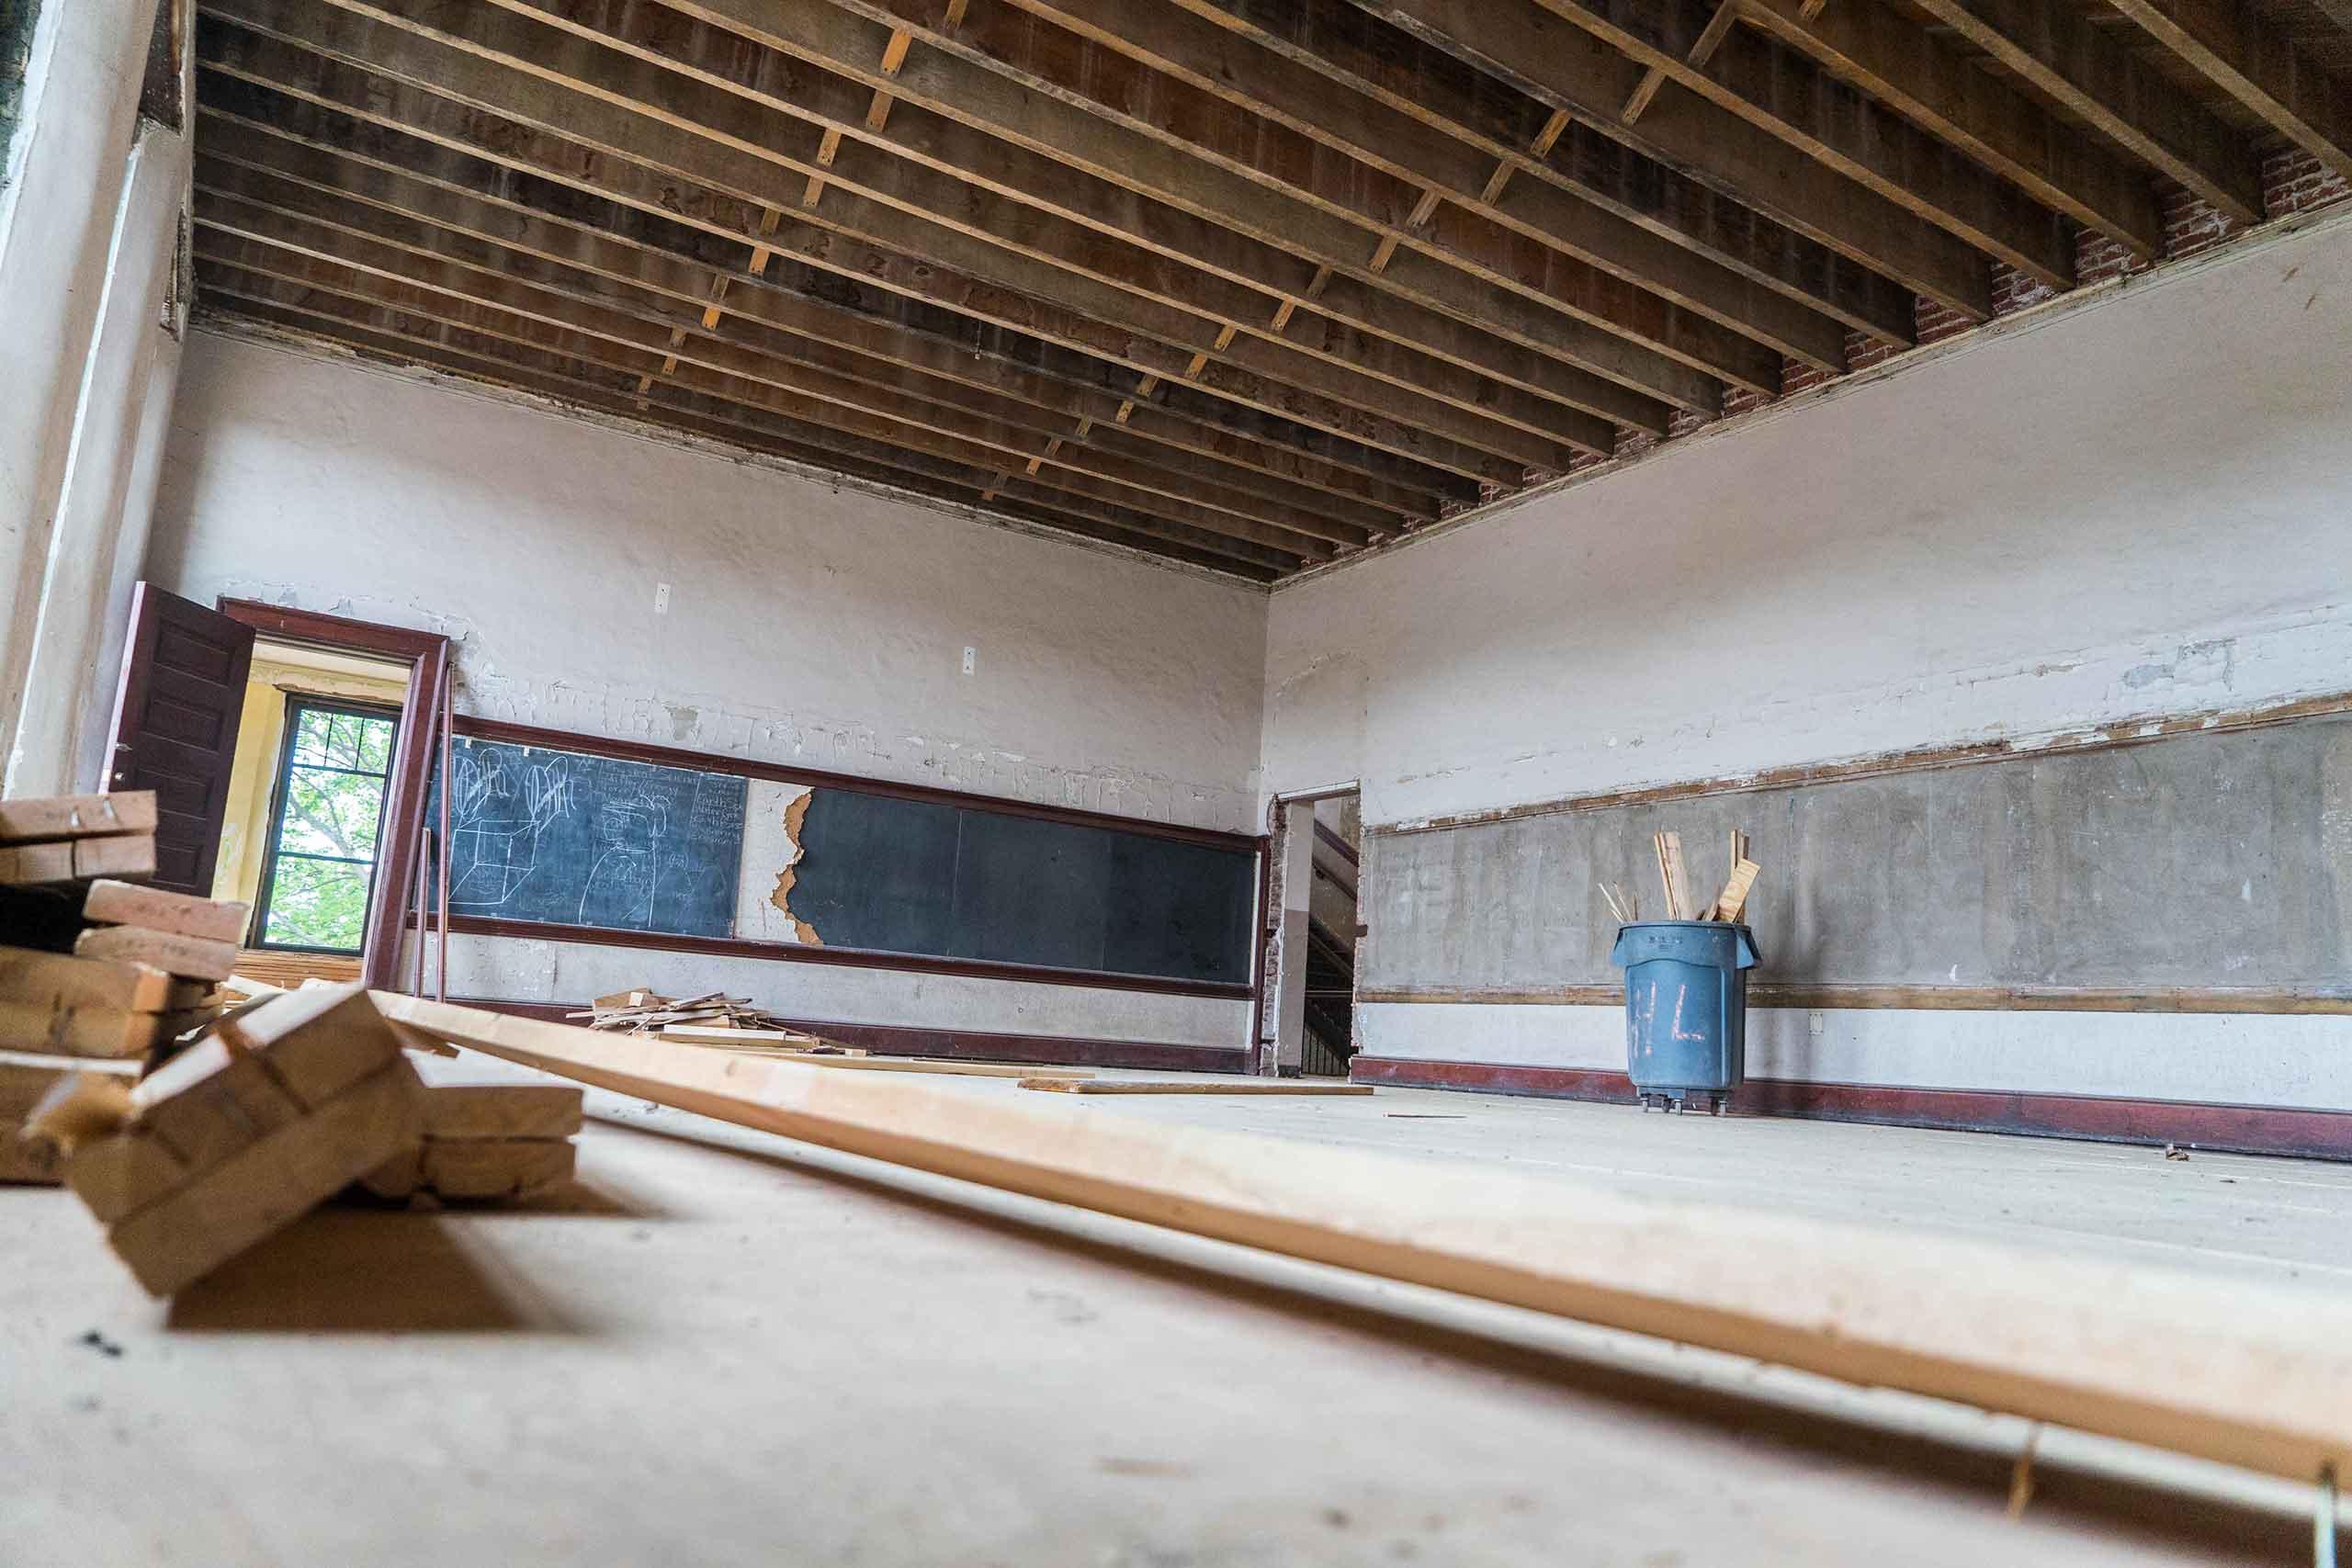 Norman-School-Lofts-Chalkboards